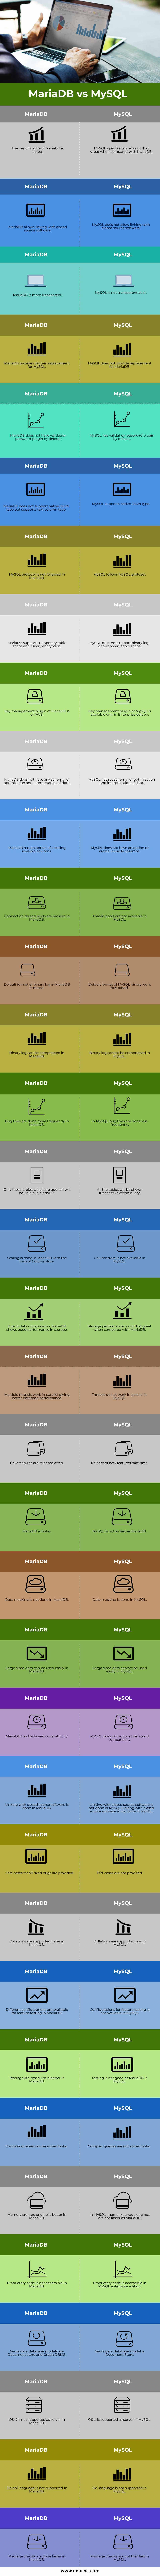 MariaDB vs MySQL info